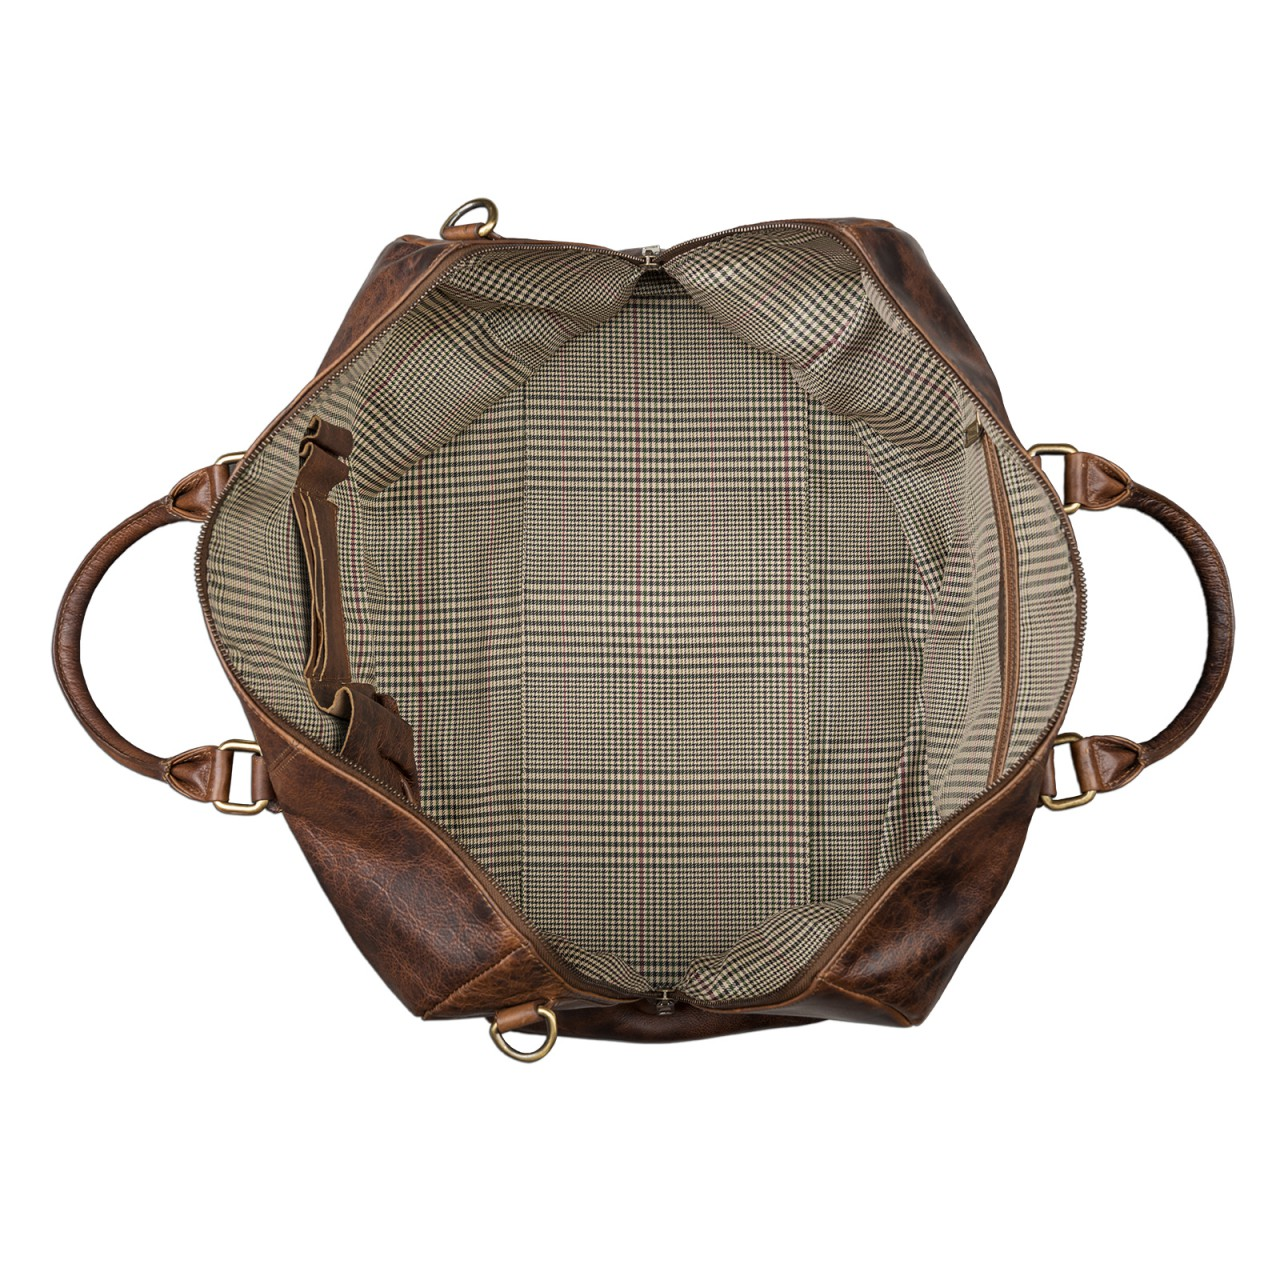 STILORD Leder Vintage Reisetasche Weekend Bag Urlaub Ledertasche Handgepäck Sporttasche Retro Weekender echtes Leder dunkelbraun - Bild 4